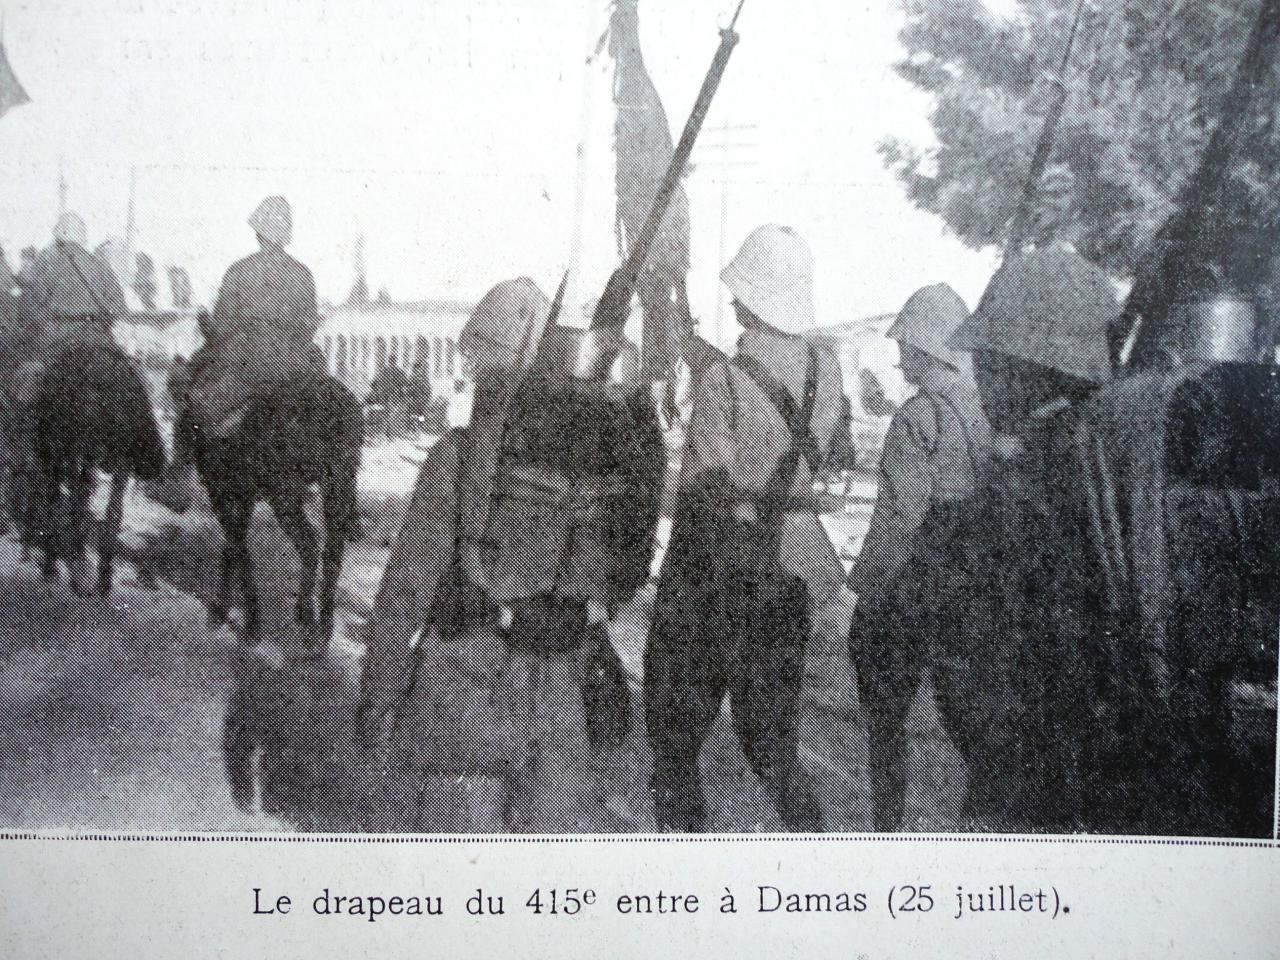 Le drapeau du 415e rentre à Damas  (25 Juillet)